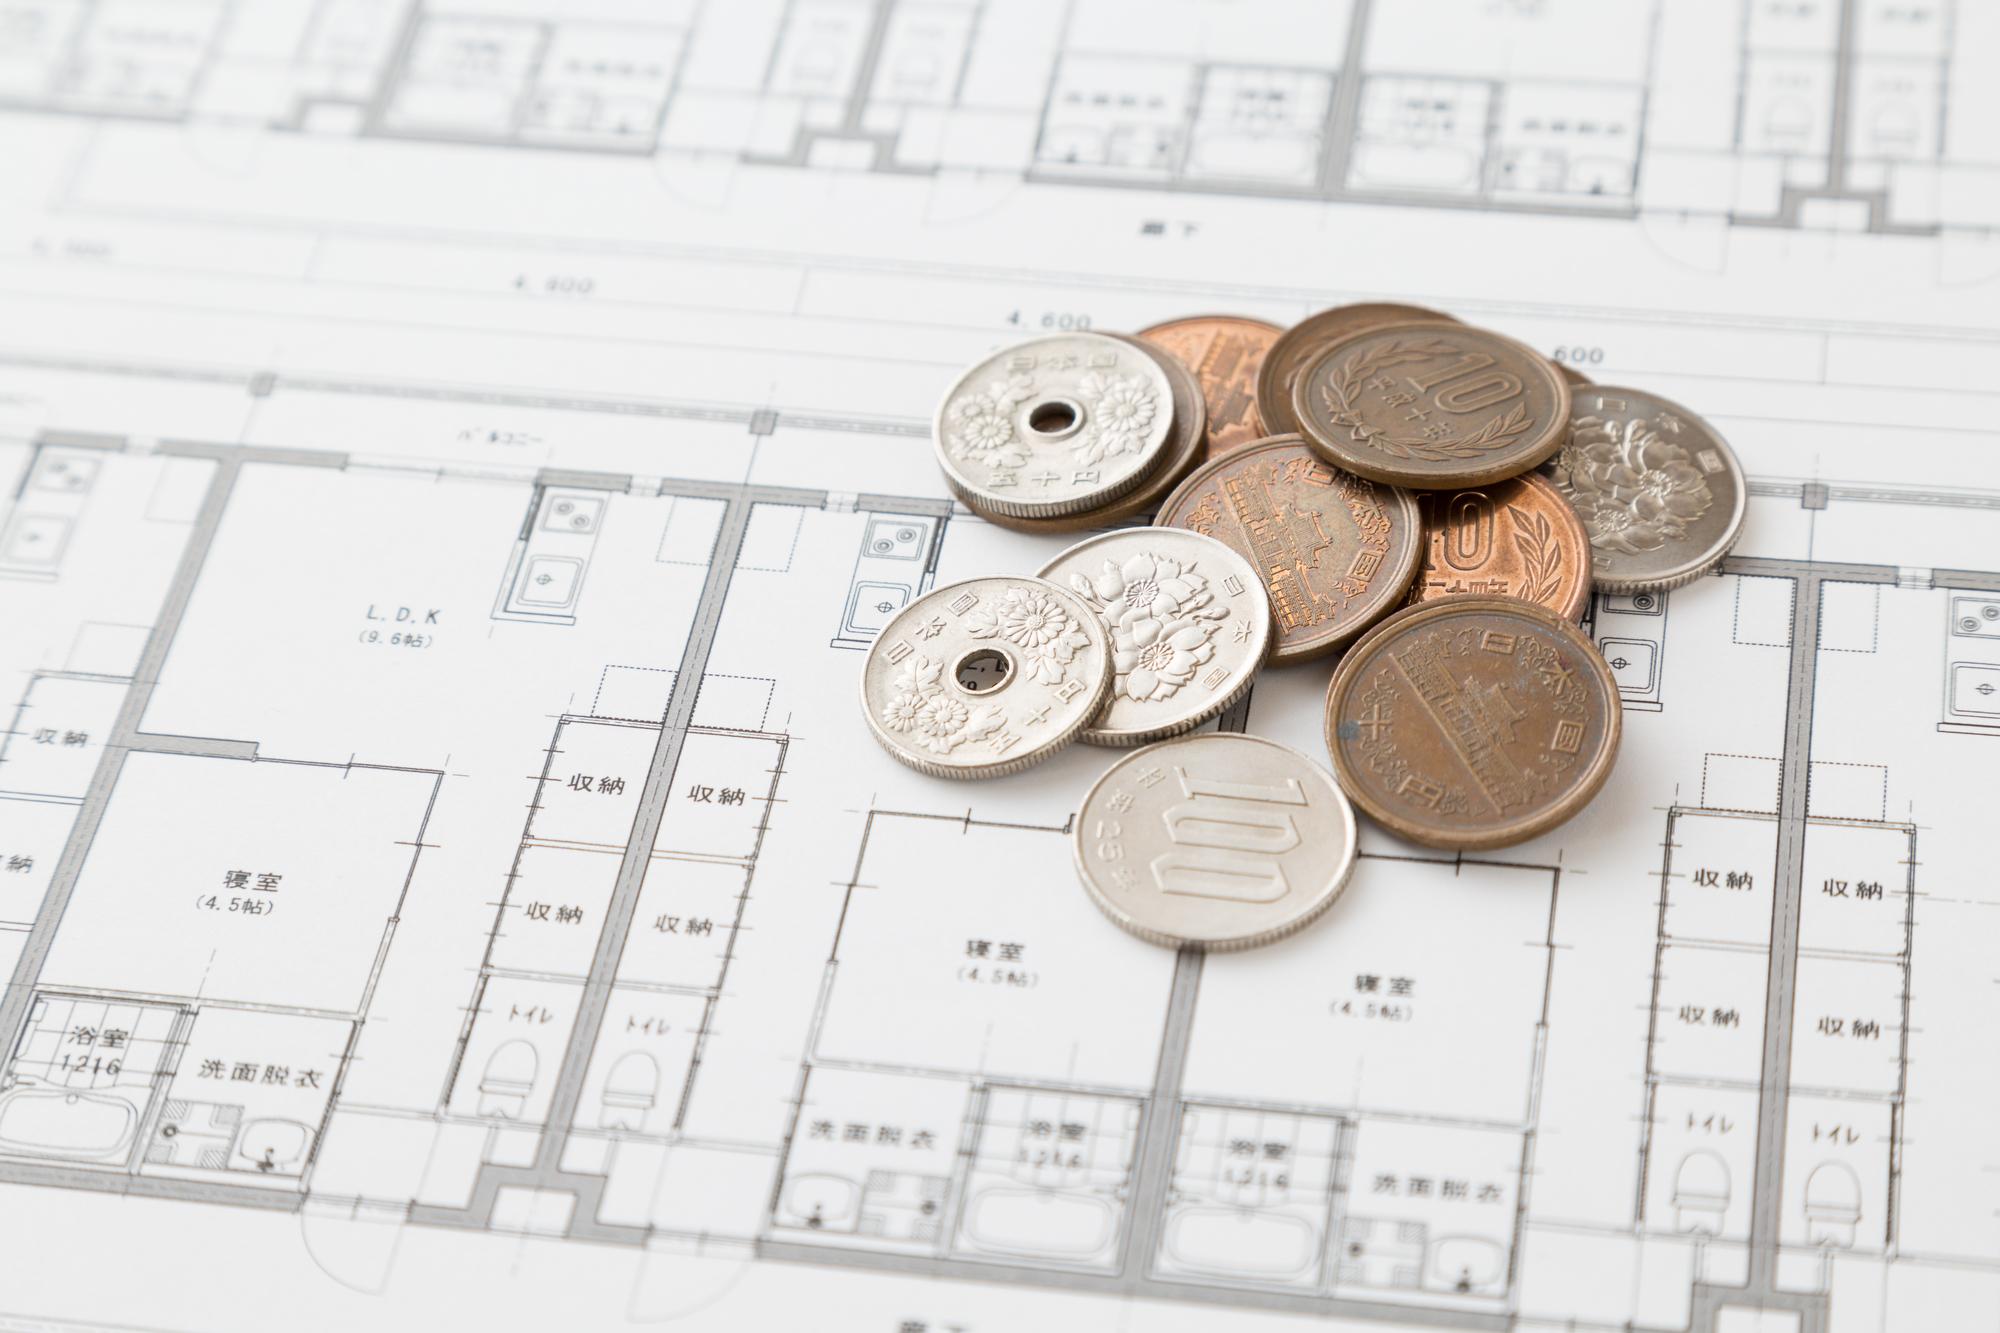 家の間取り図とお金